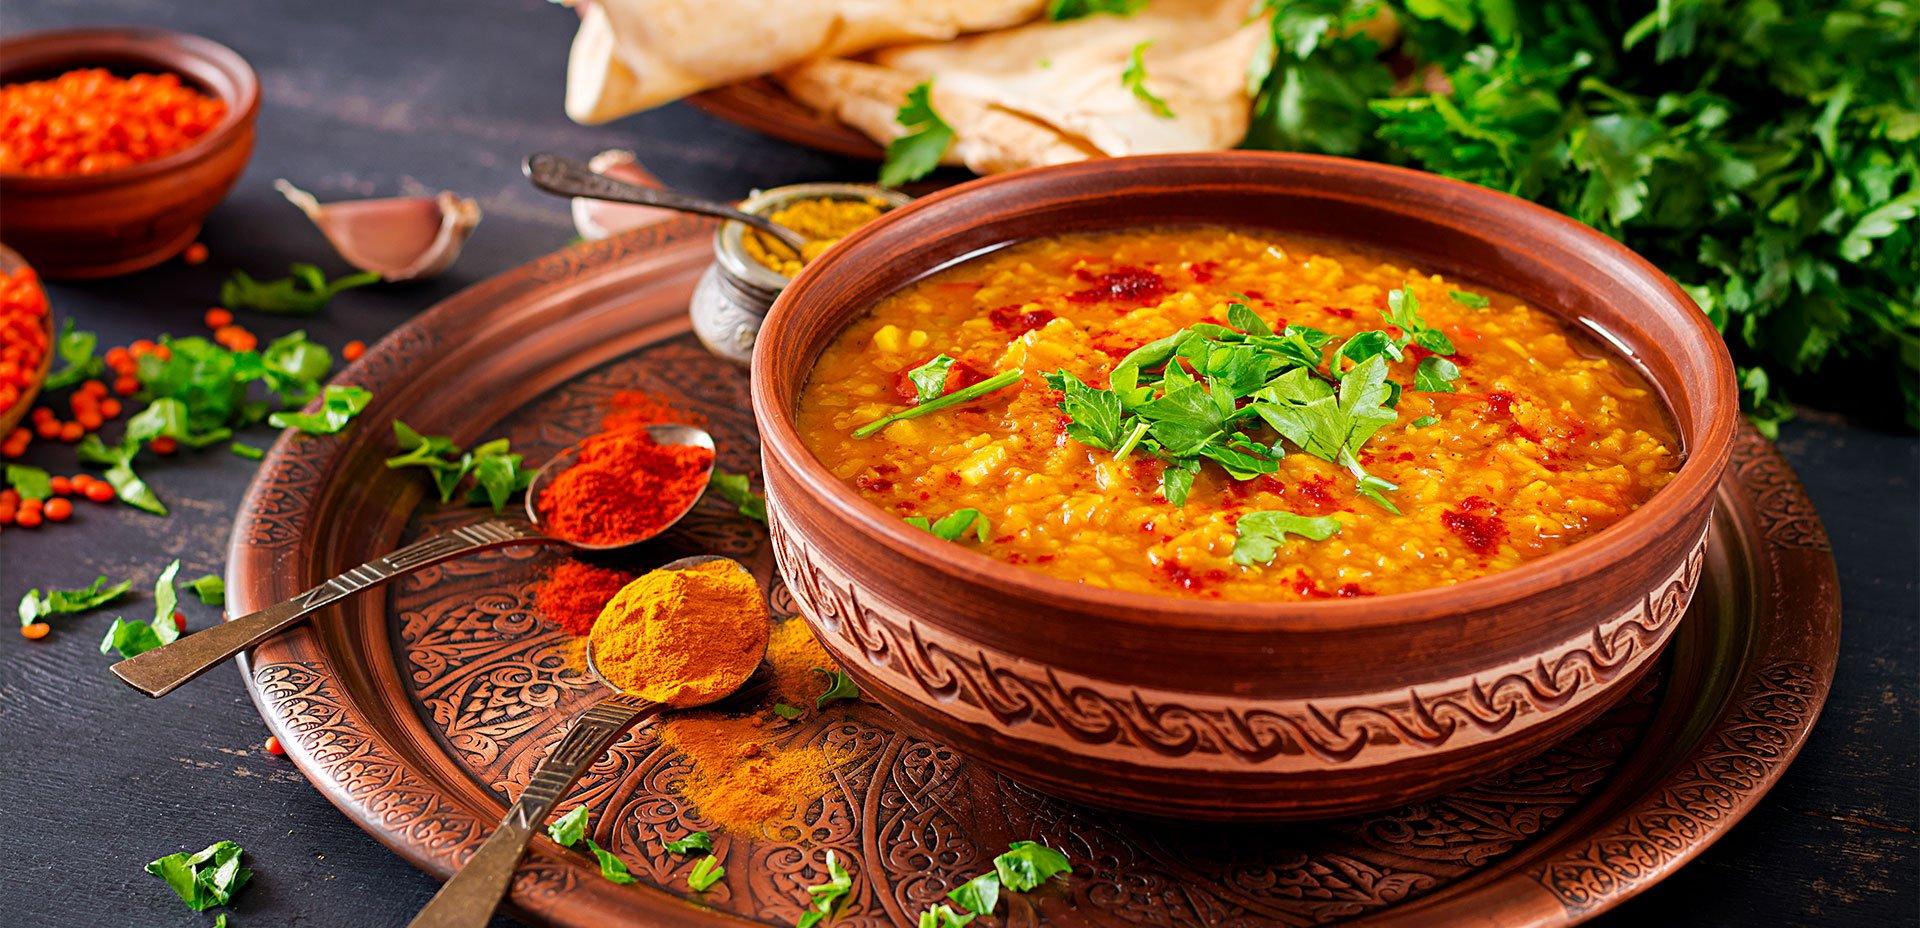 lenticchie e spezie indiane